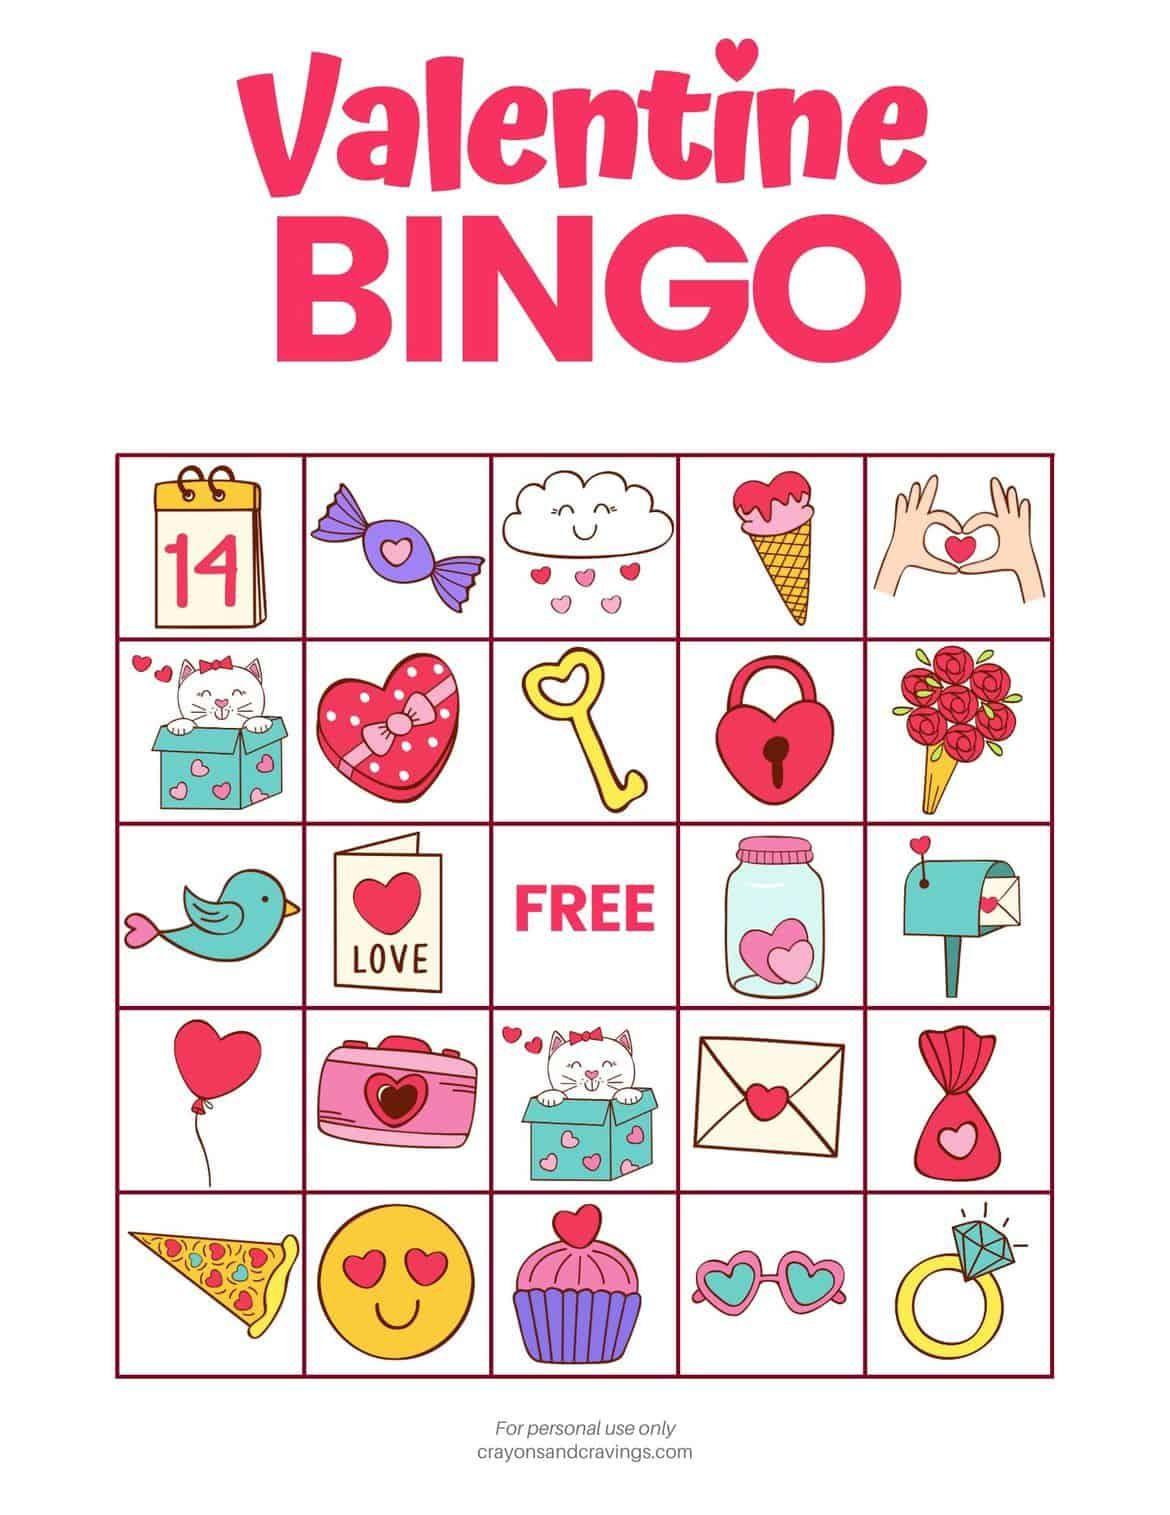 Valentine Bingo Game In